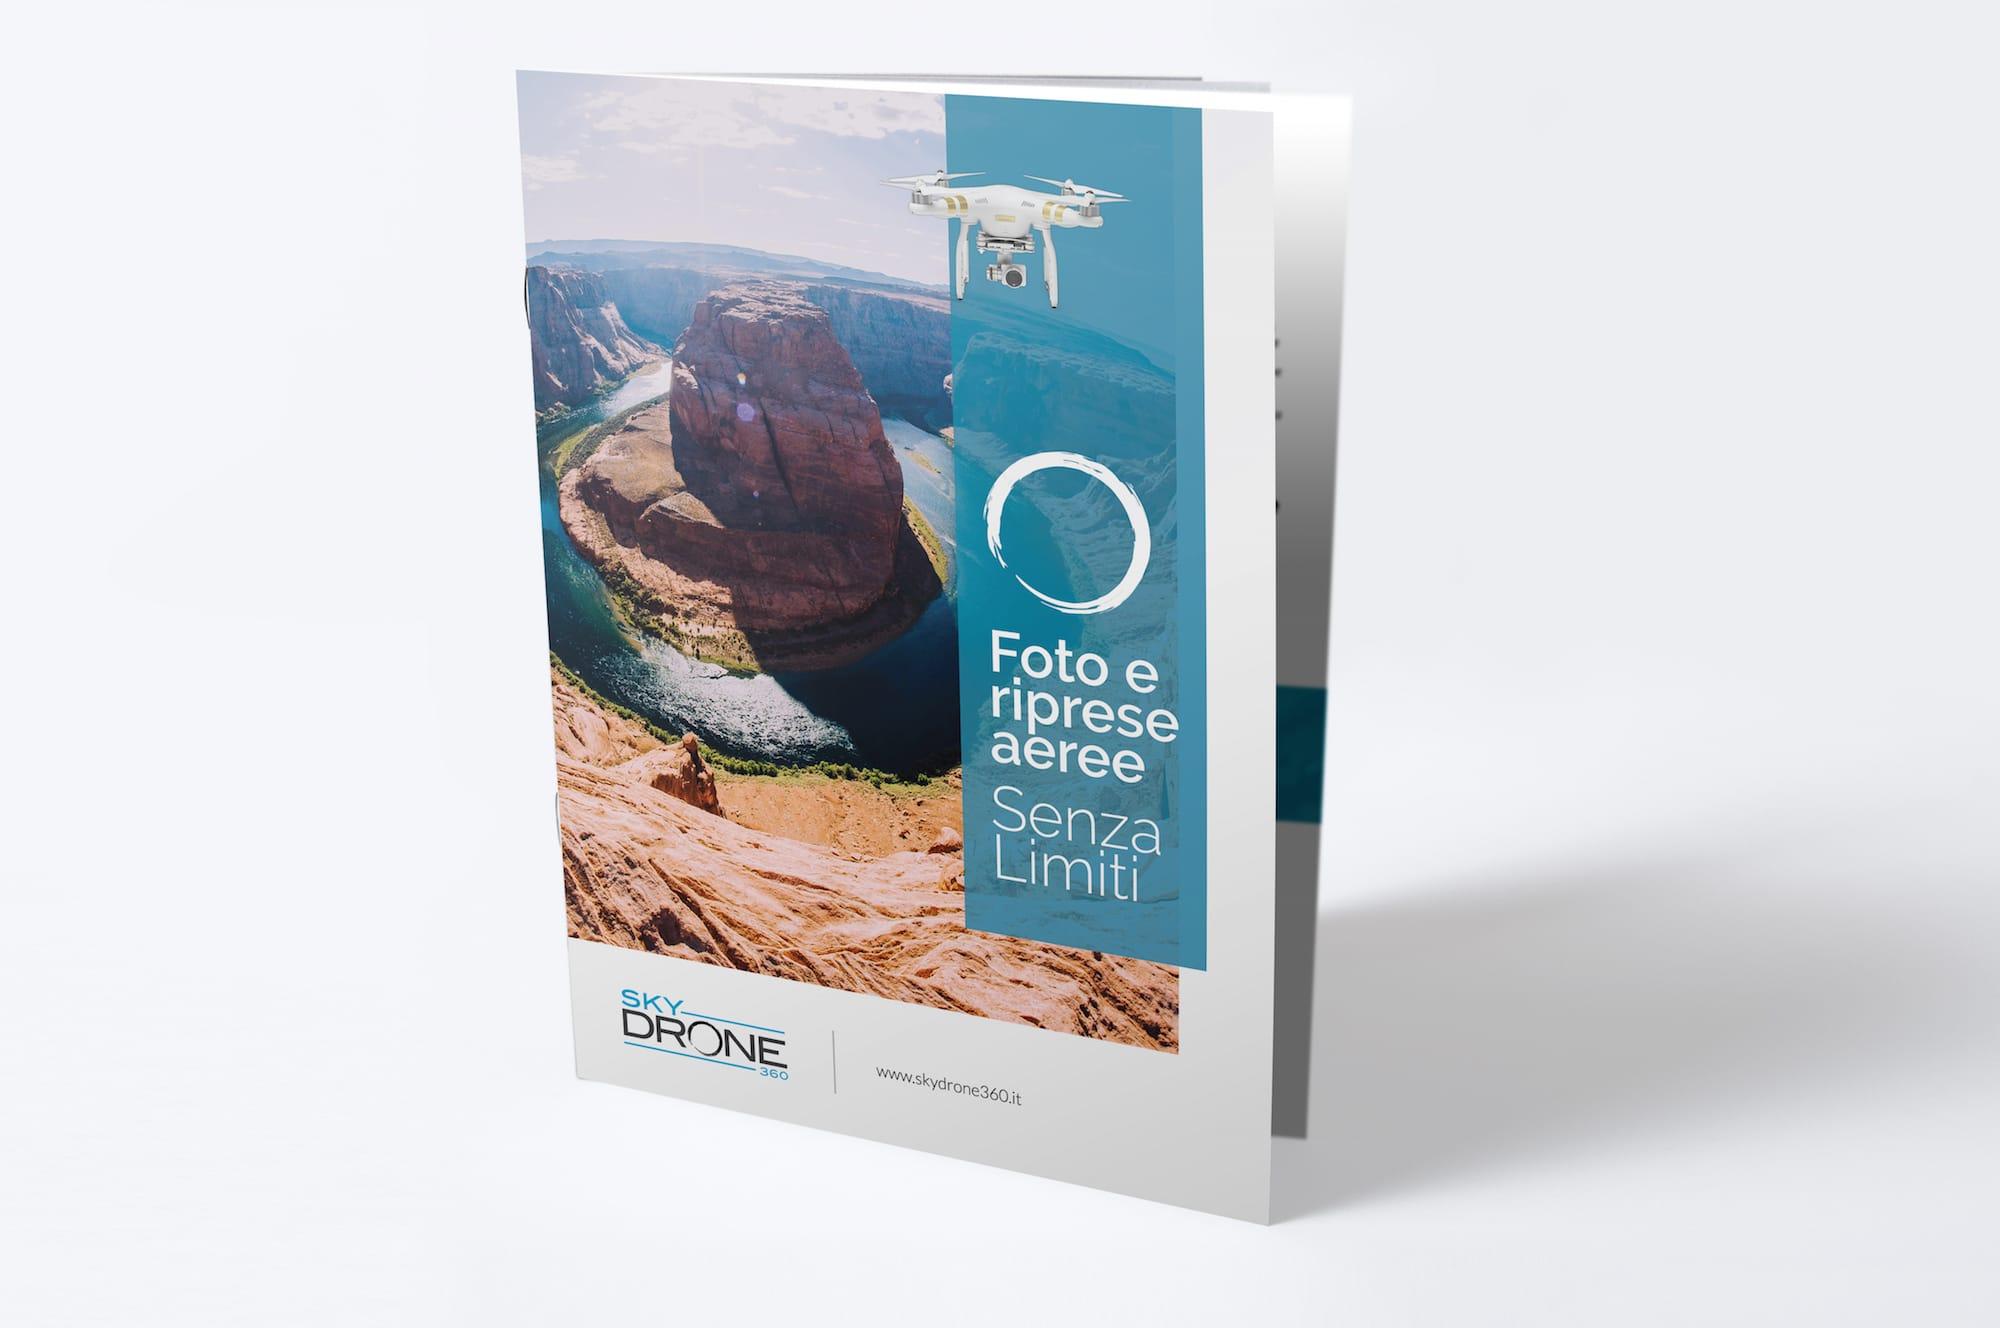 Realizzazione grafica + stampa brochure aziendale SkyDrone360